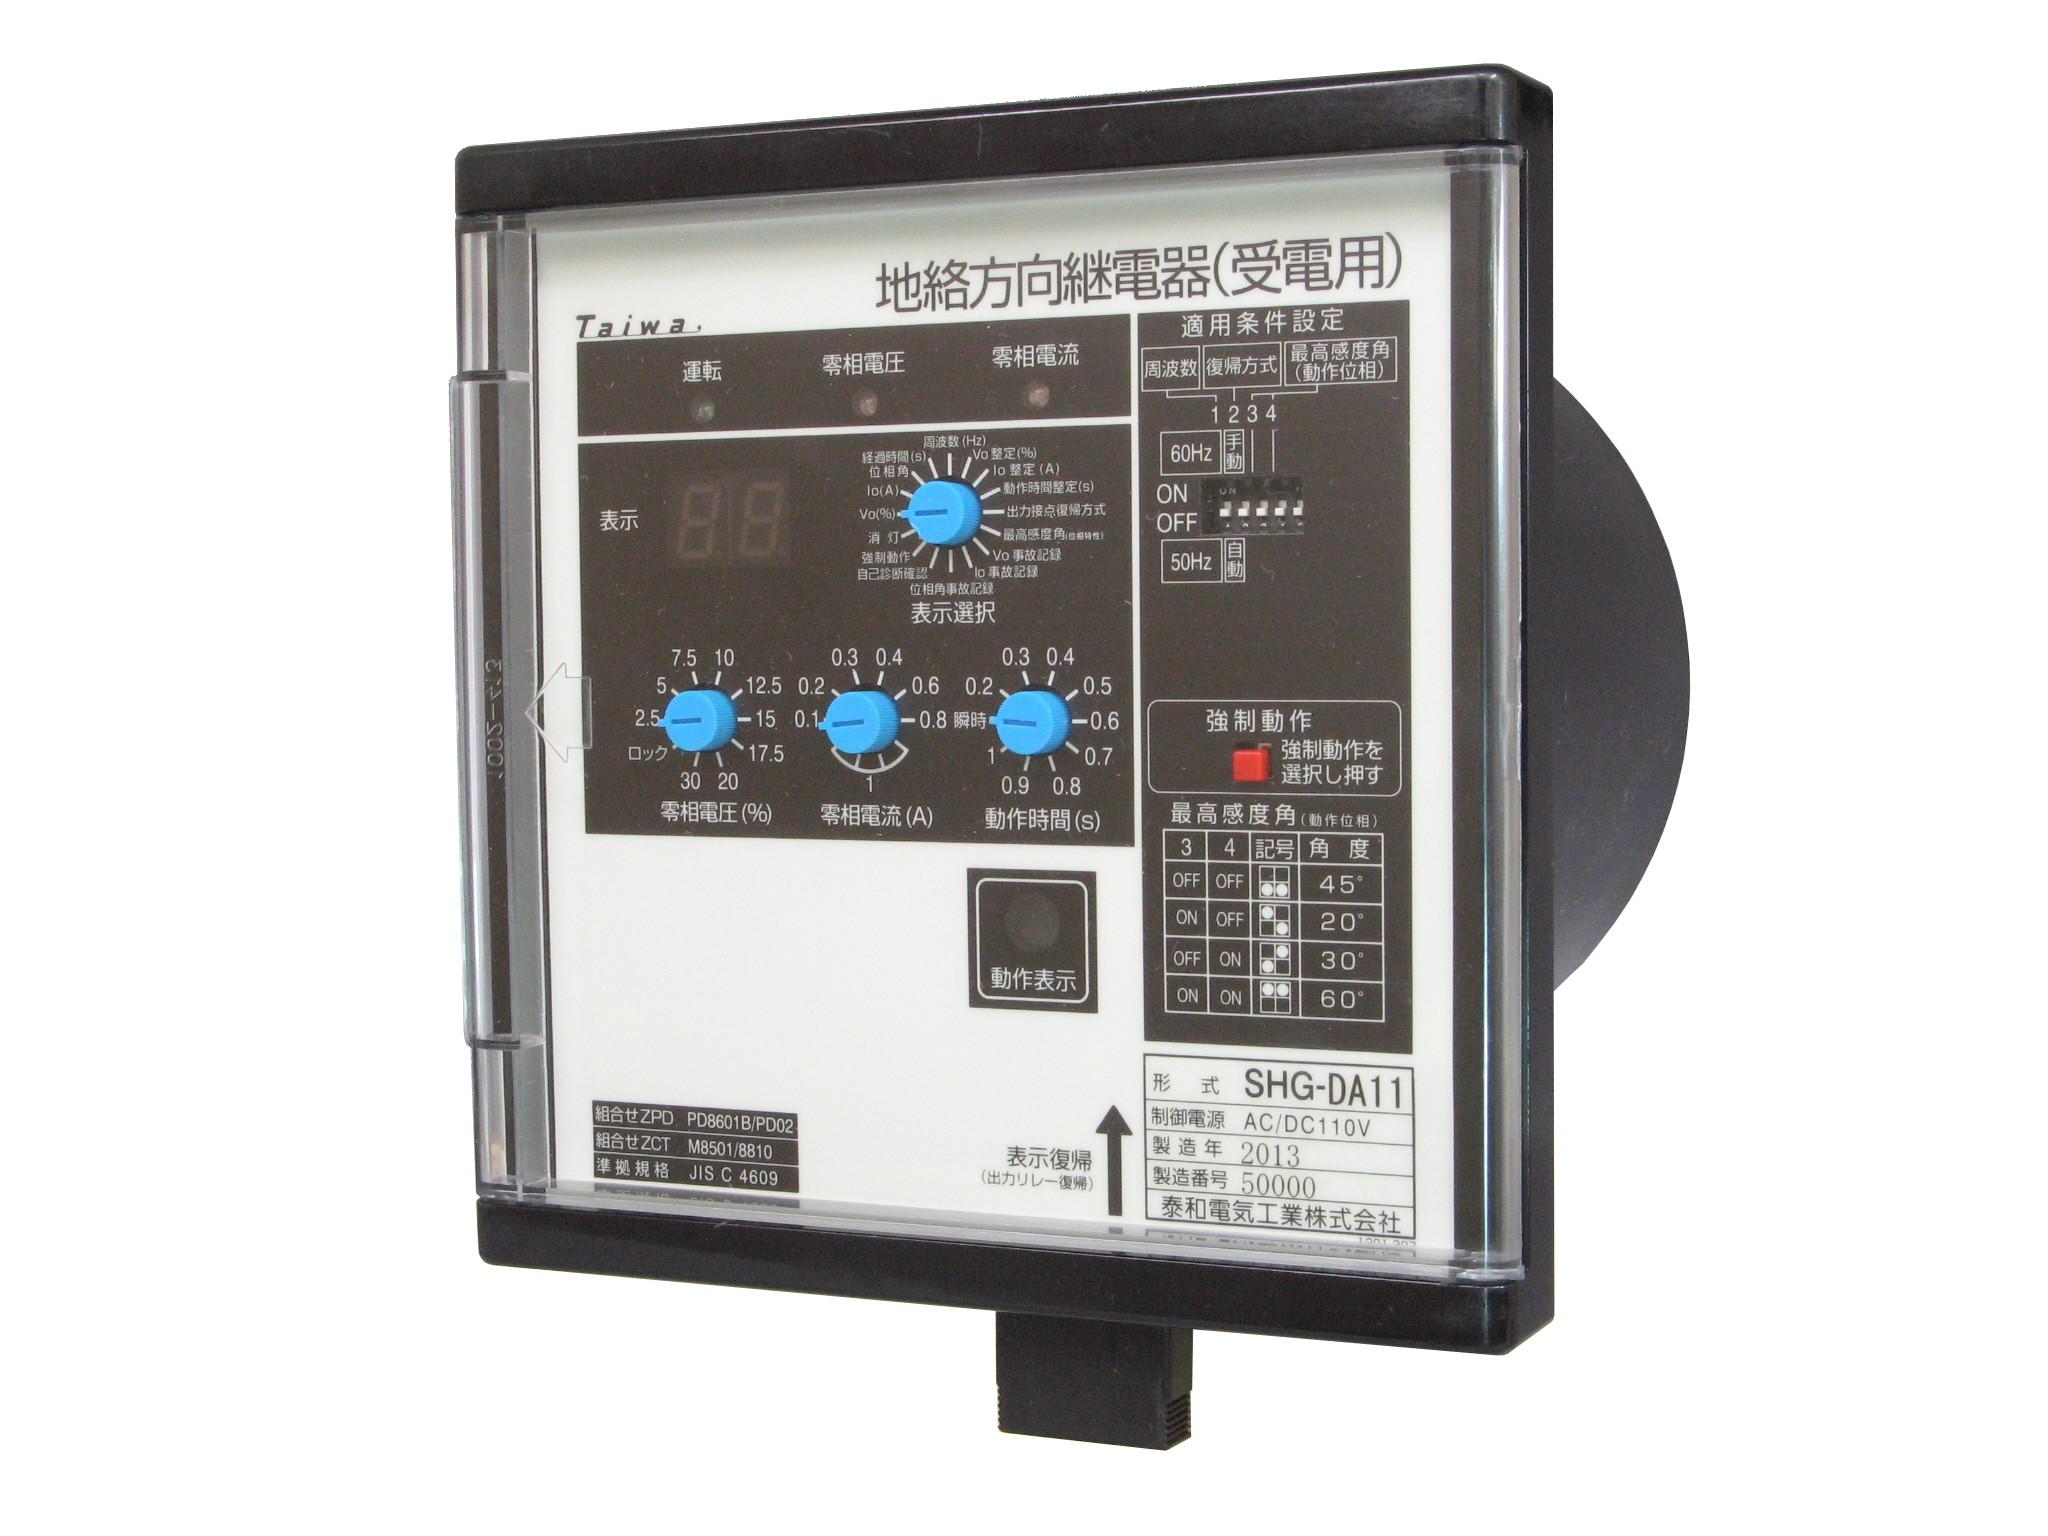 継電器シリーズ|泰和電気工業株式会社